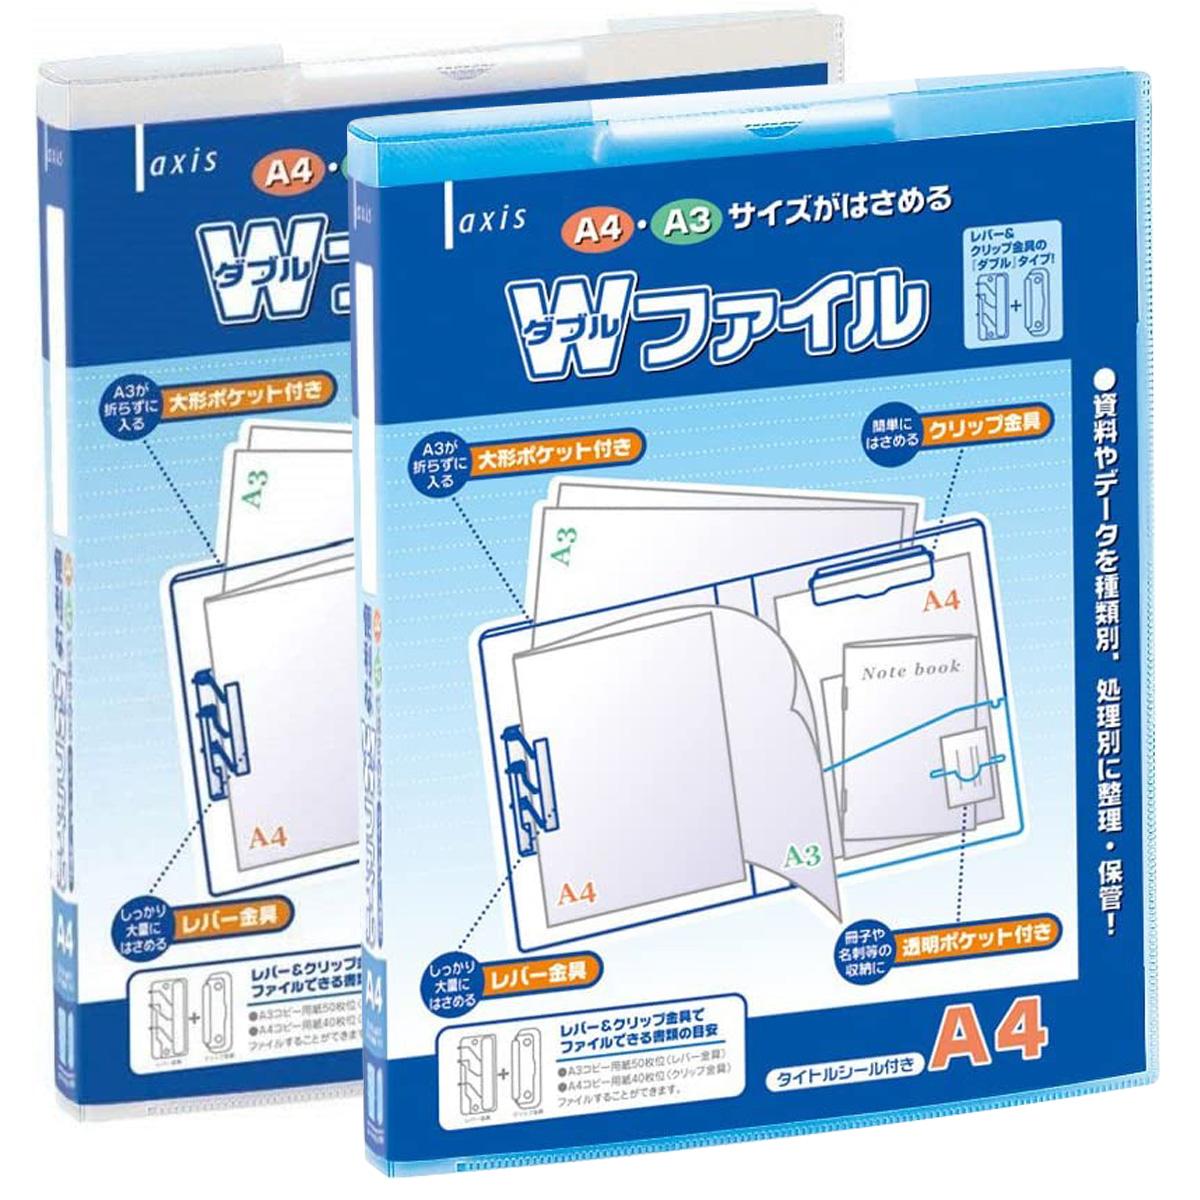 ファイル 学習 ダブルファイル A4 事務用品 学生 文具 整理 保管 A4・A3どちらも挟める デビカ